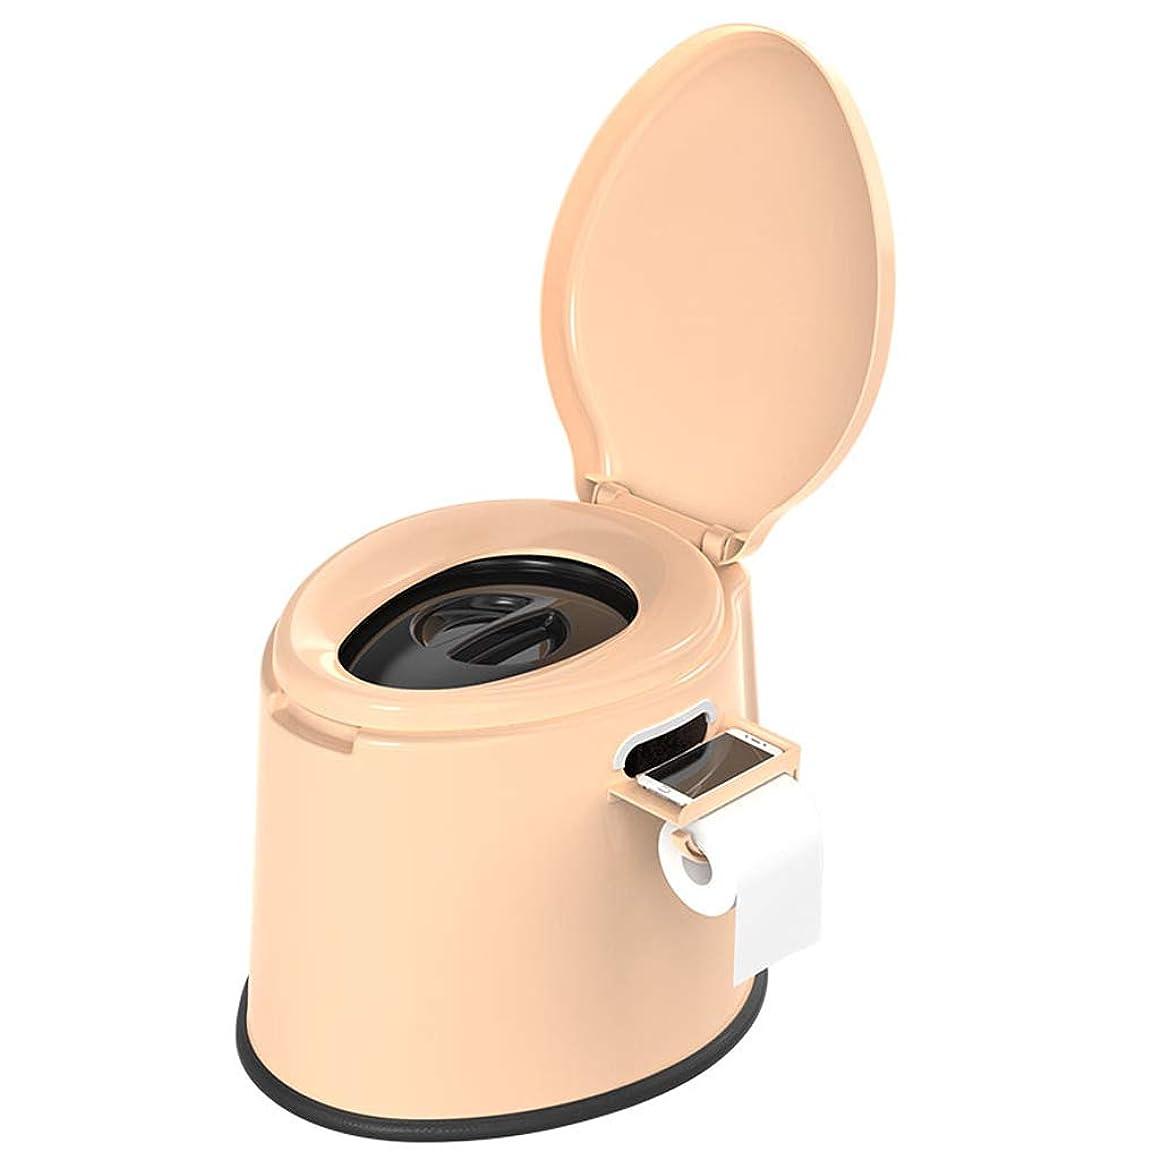 連邦信念誰かトイレ高齢者妊婦携帯電話大人の家庭ポータブルトイレチェア